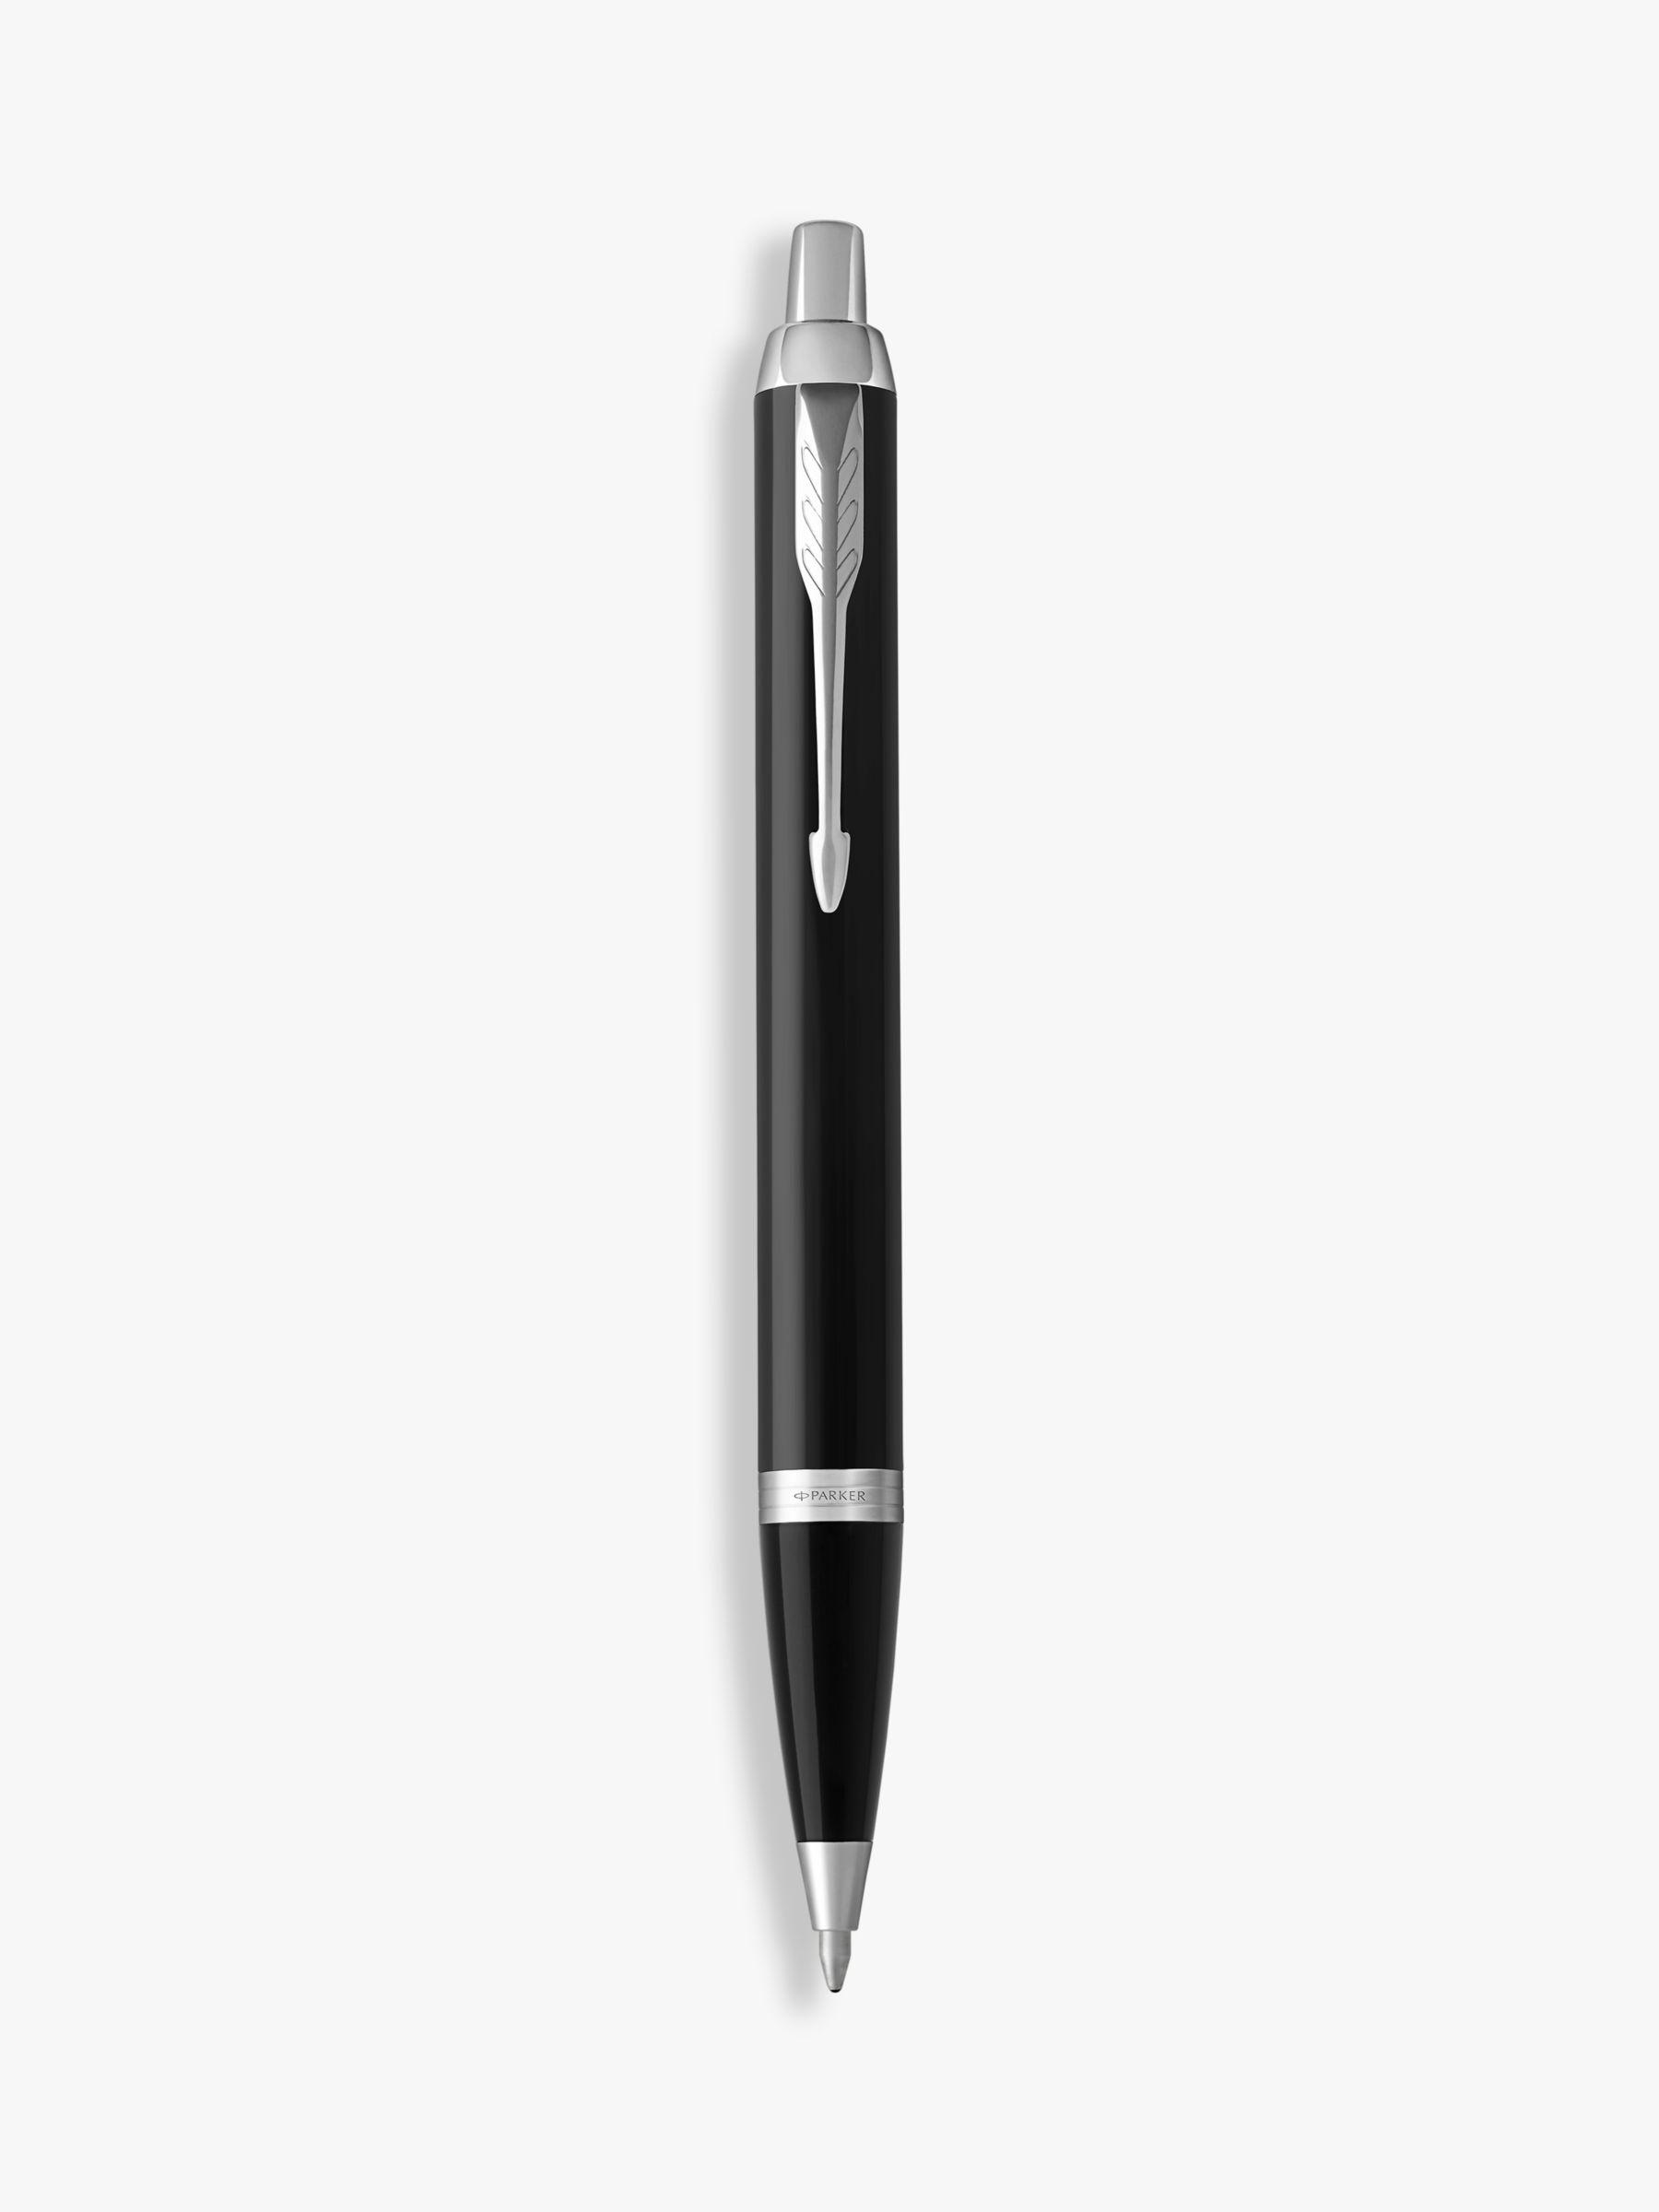 Parker PARKER Im Core Black Chrome Trim Ballpoint Pen